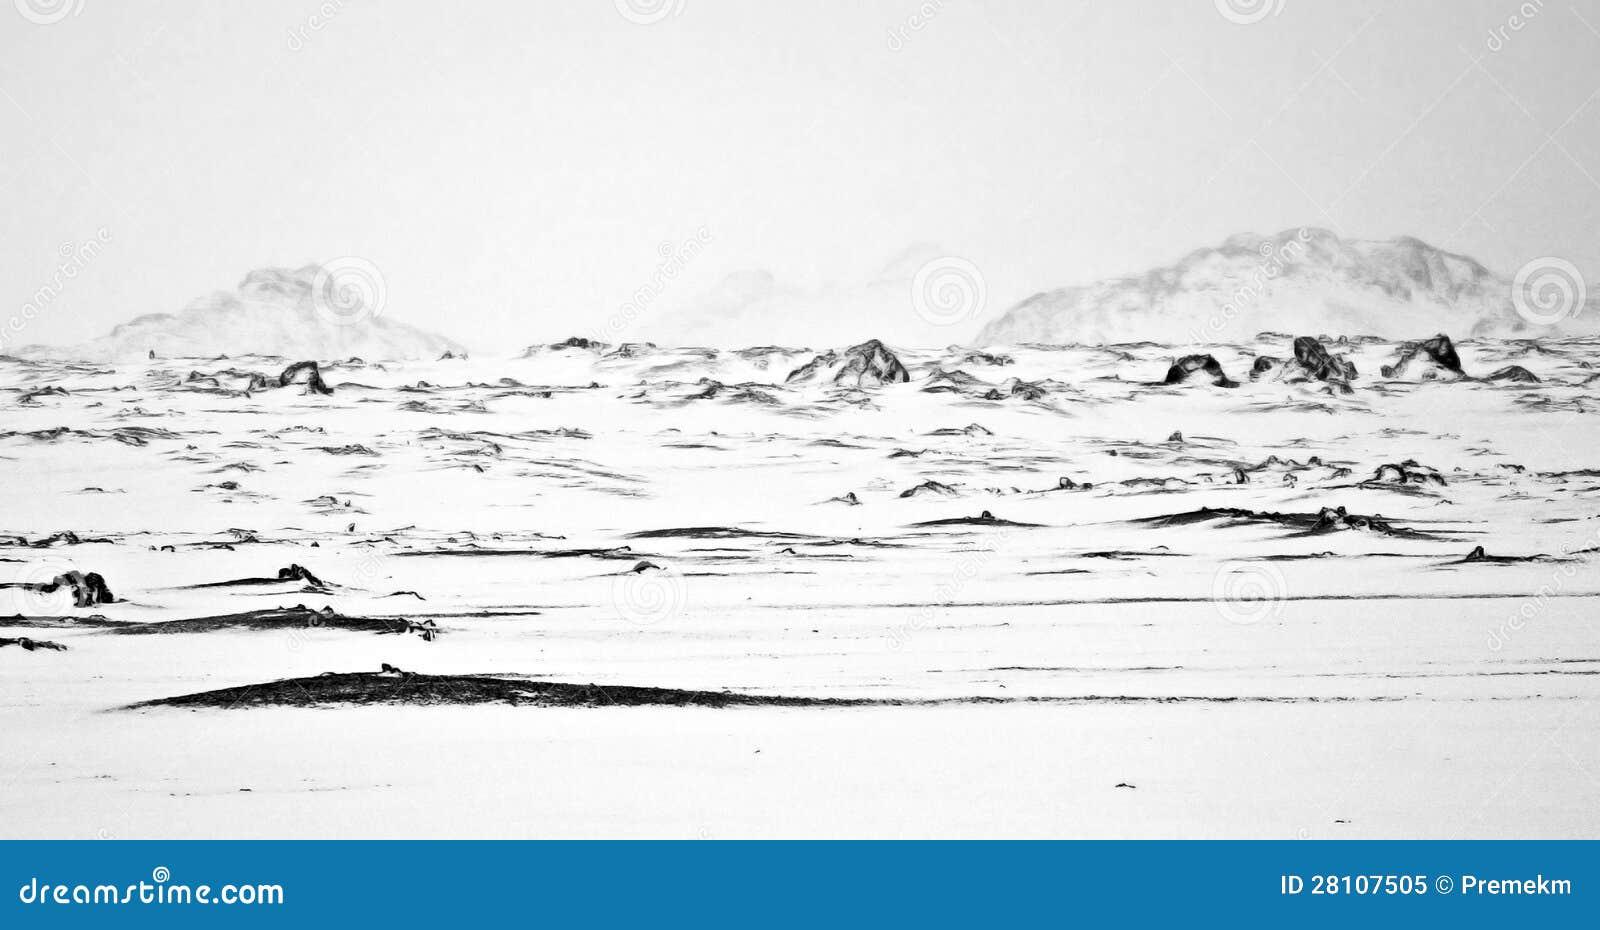 Abbildung der verlassenen Winter-Landschaft